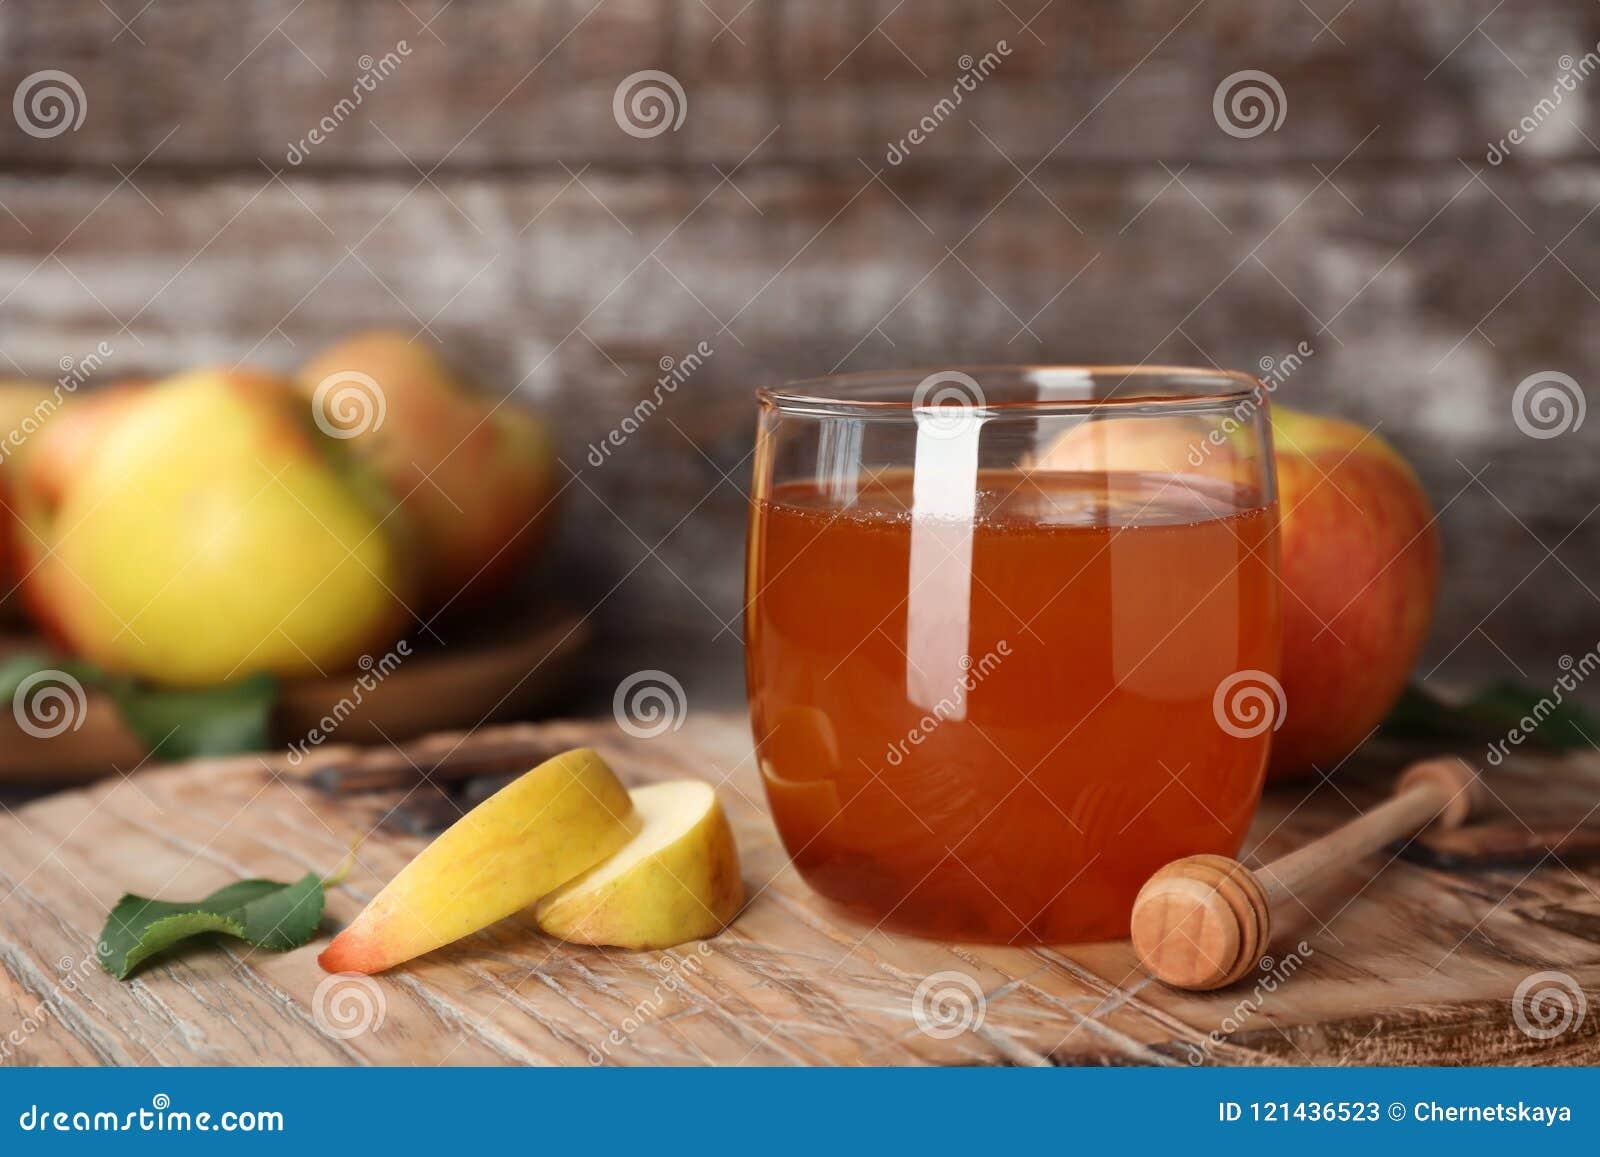 杯蜂蜜、苹果和浸染工